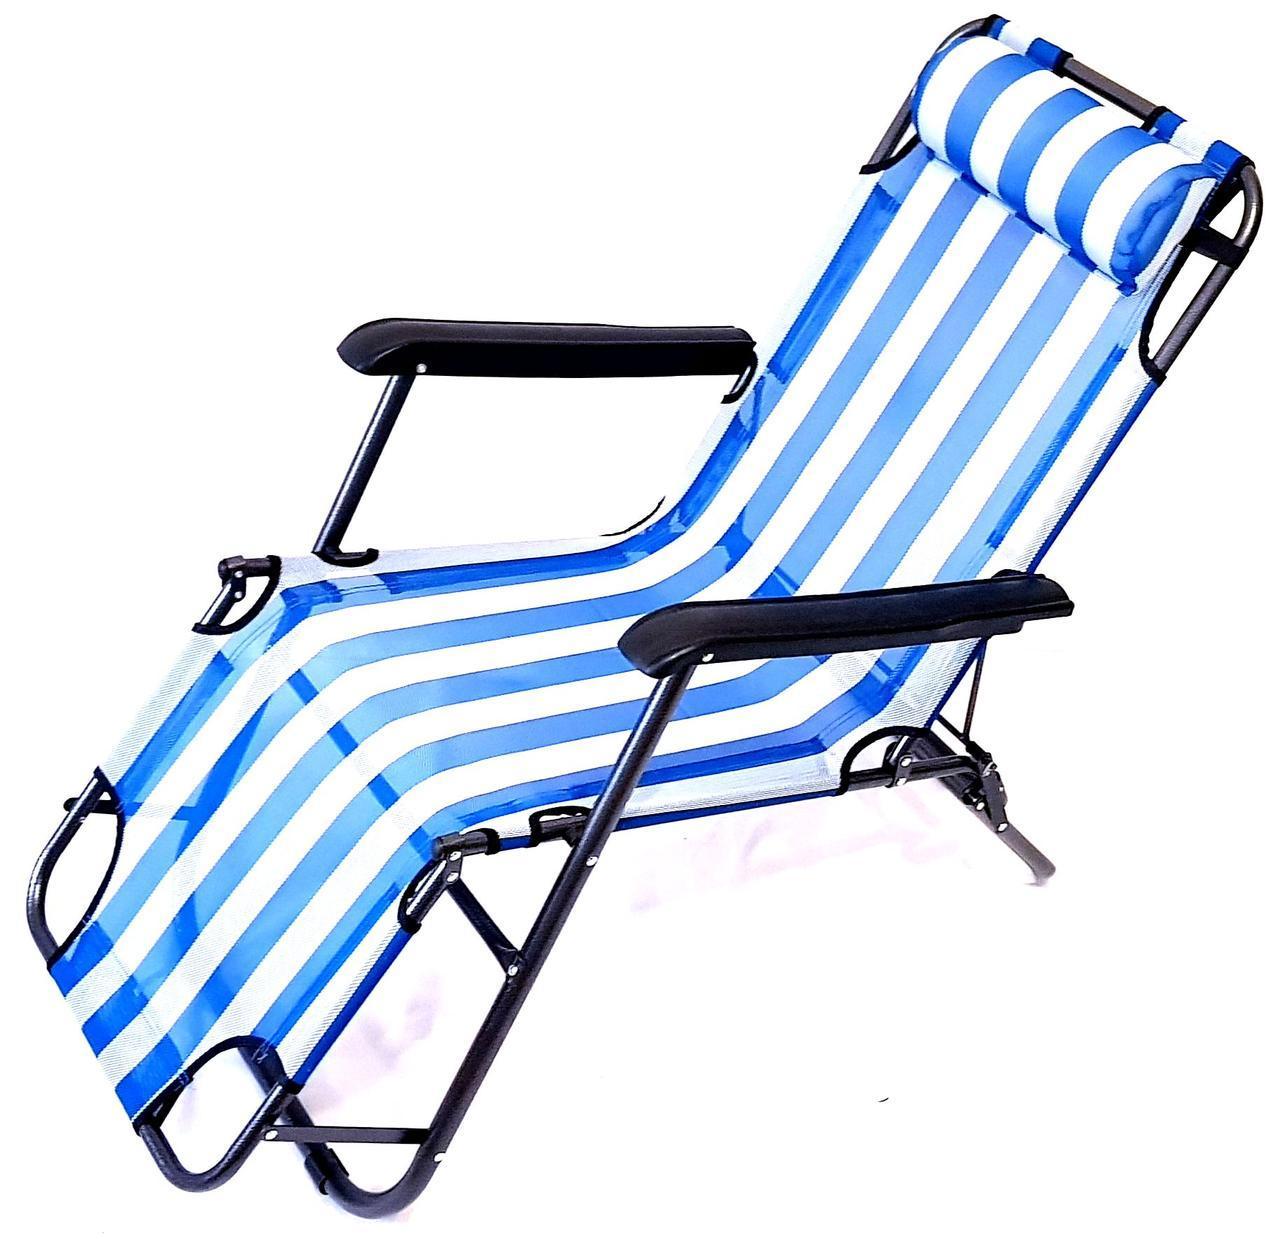 Крісло-шезлонг Stenson MH-3913, 153 * 60 * 80 см біло-блакитний